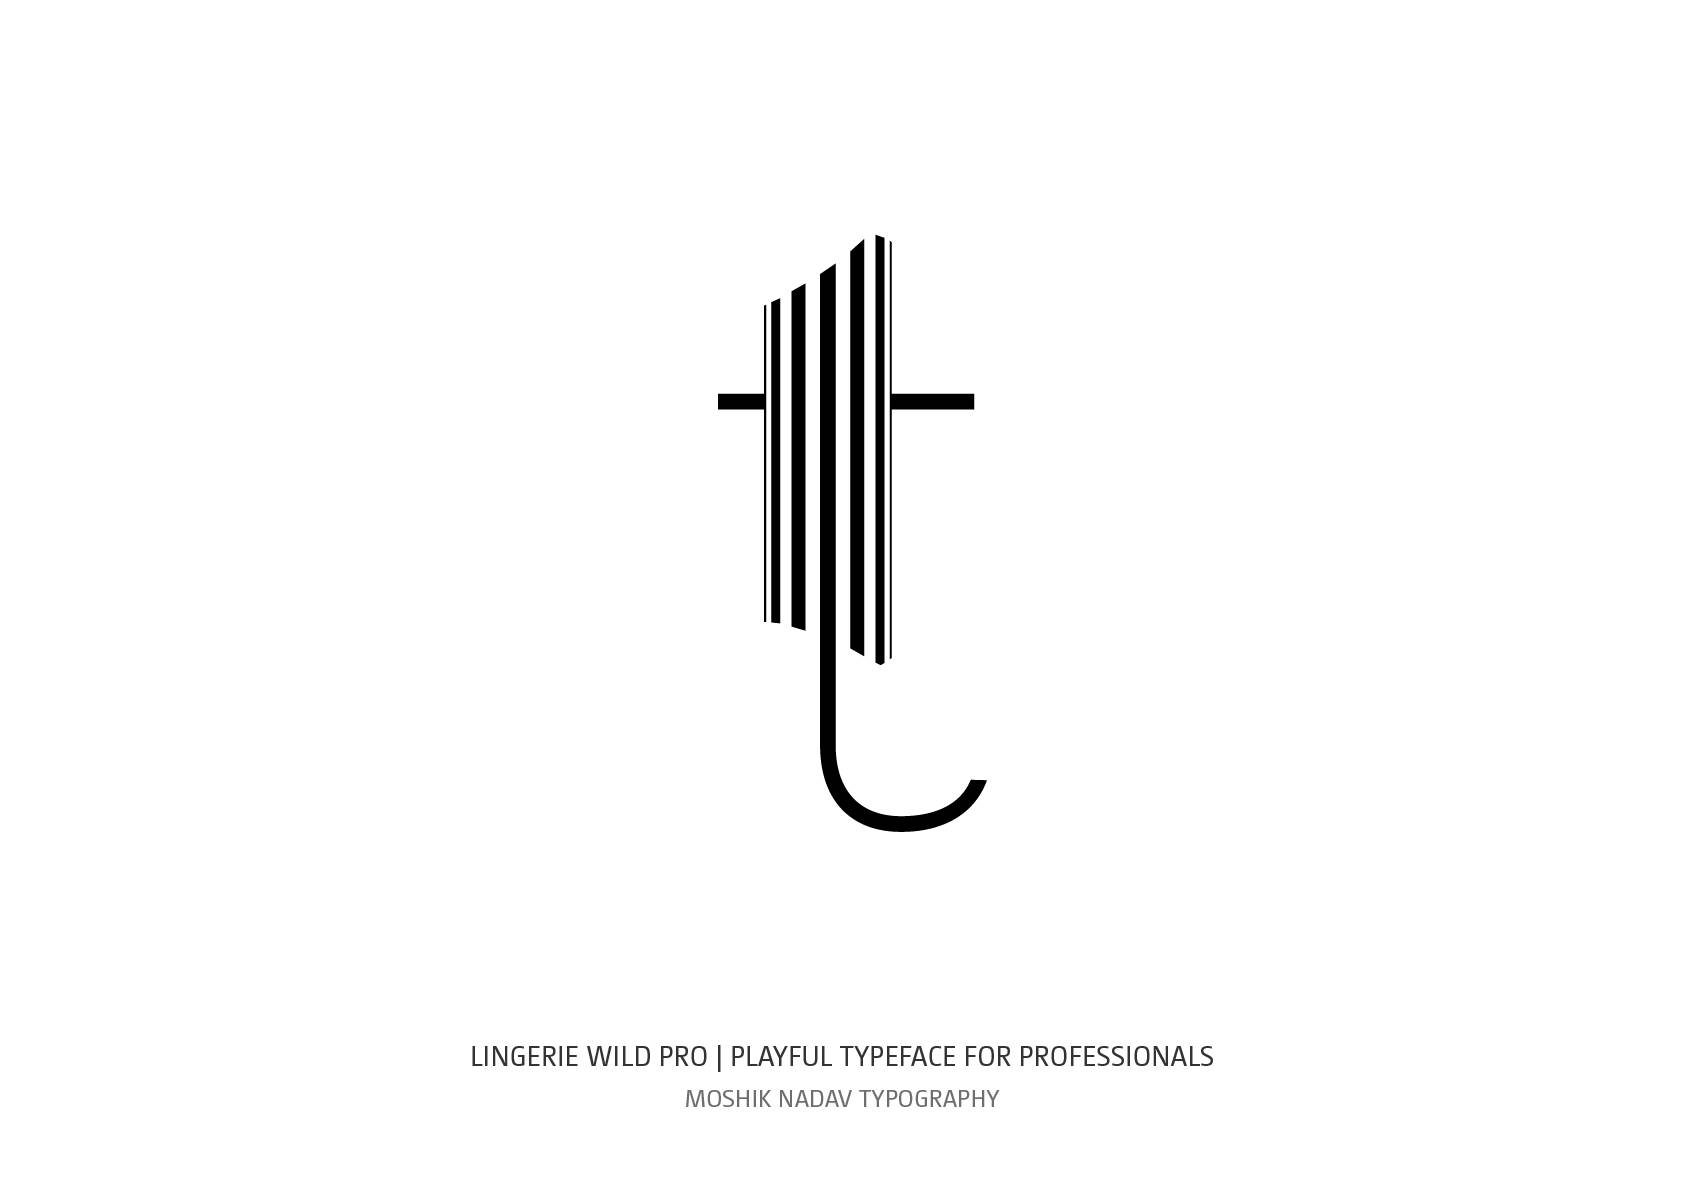 Fresh font 2019 by Moshik Nadav Typography